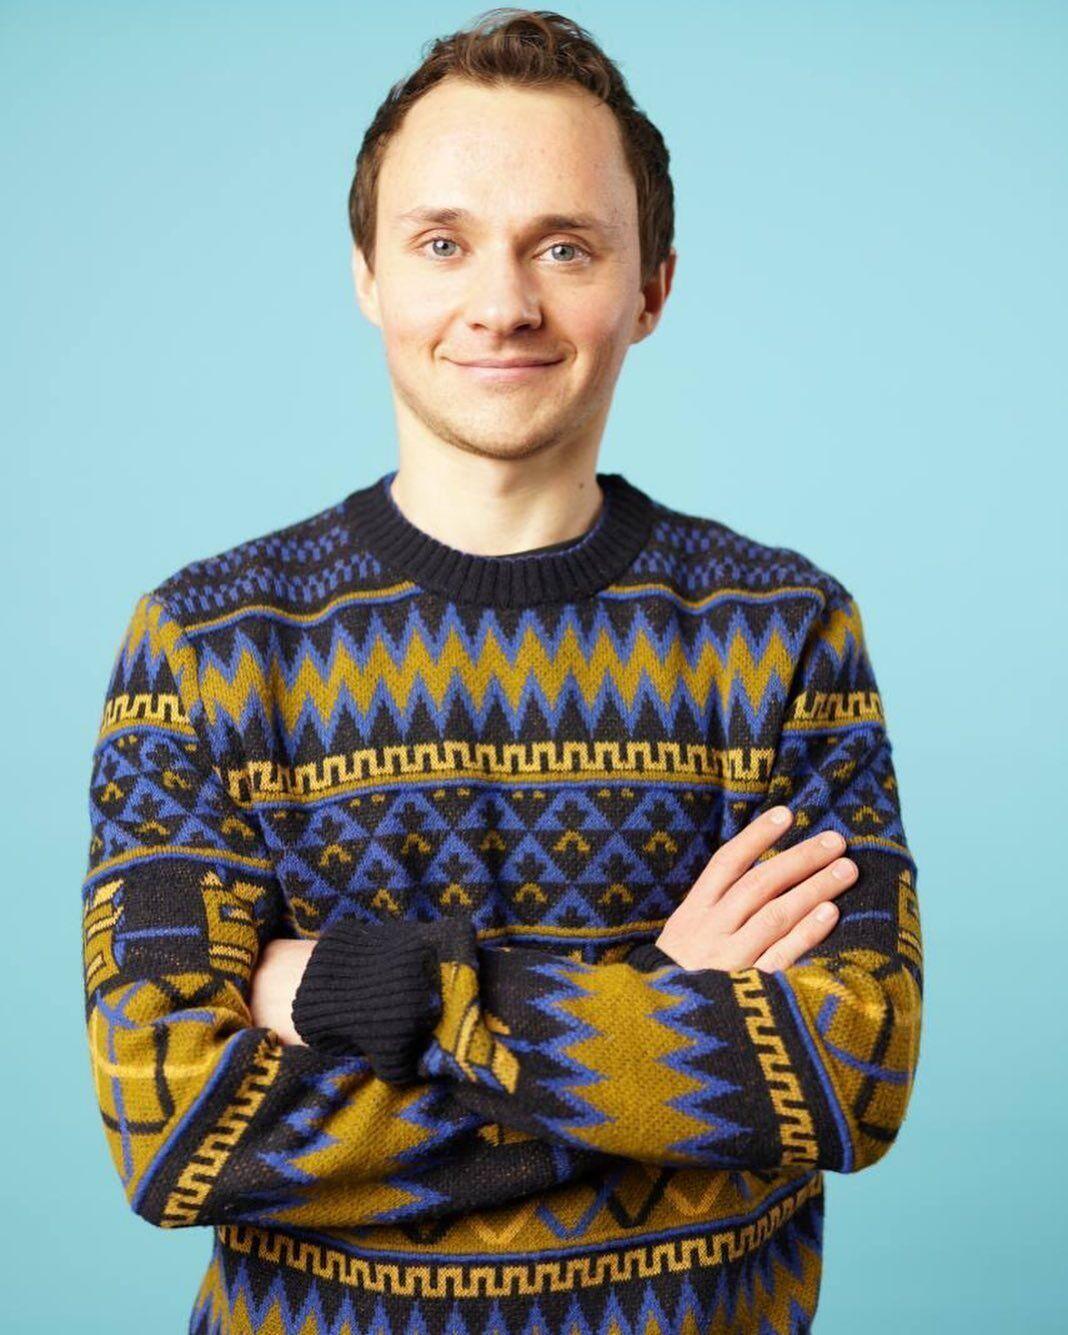 Константин Войтенко примет участие в известном шоу.